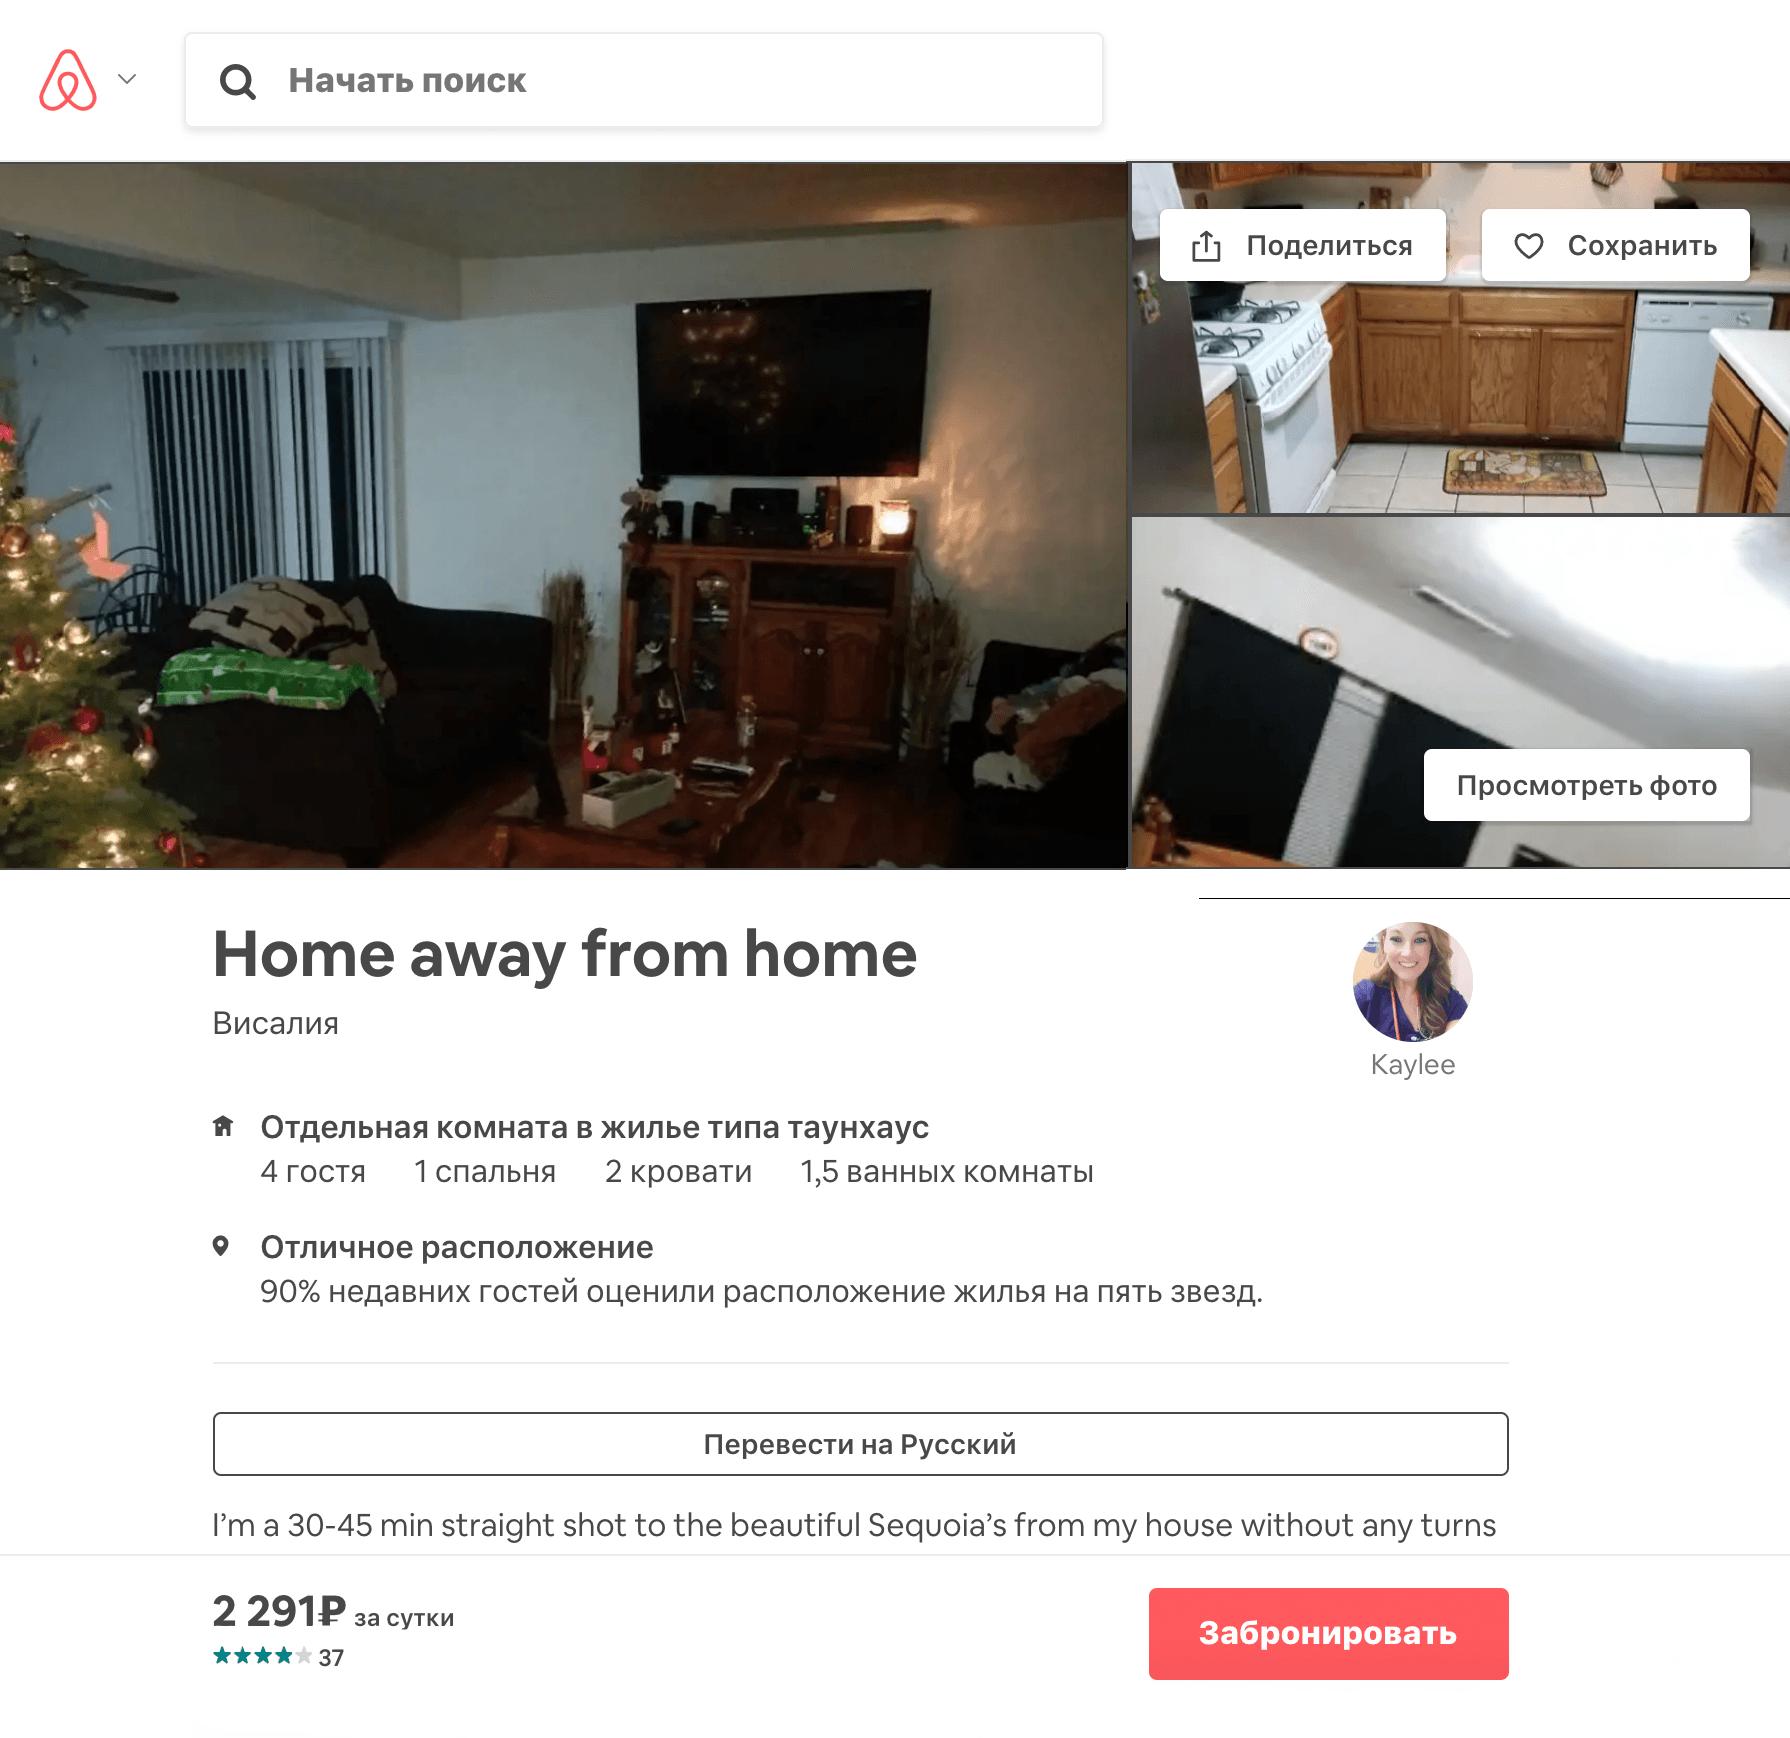 Так выглядело объявление наAirbnb. Когда мы ее бронировали, комната стоила 69$ задвое суток. Цена нас устроила, и мы отправили хозяйке запрос набронирование нанужные нам даты